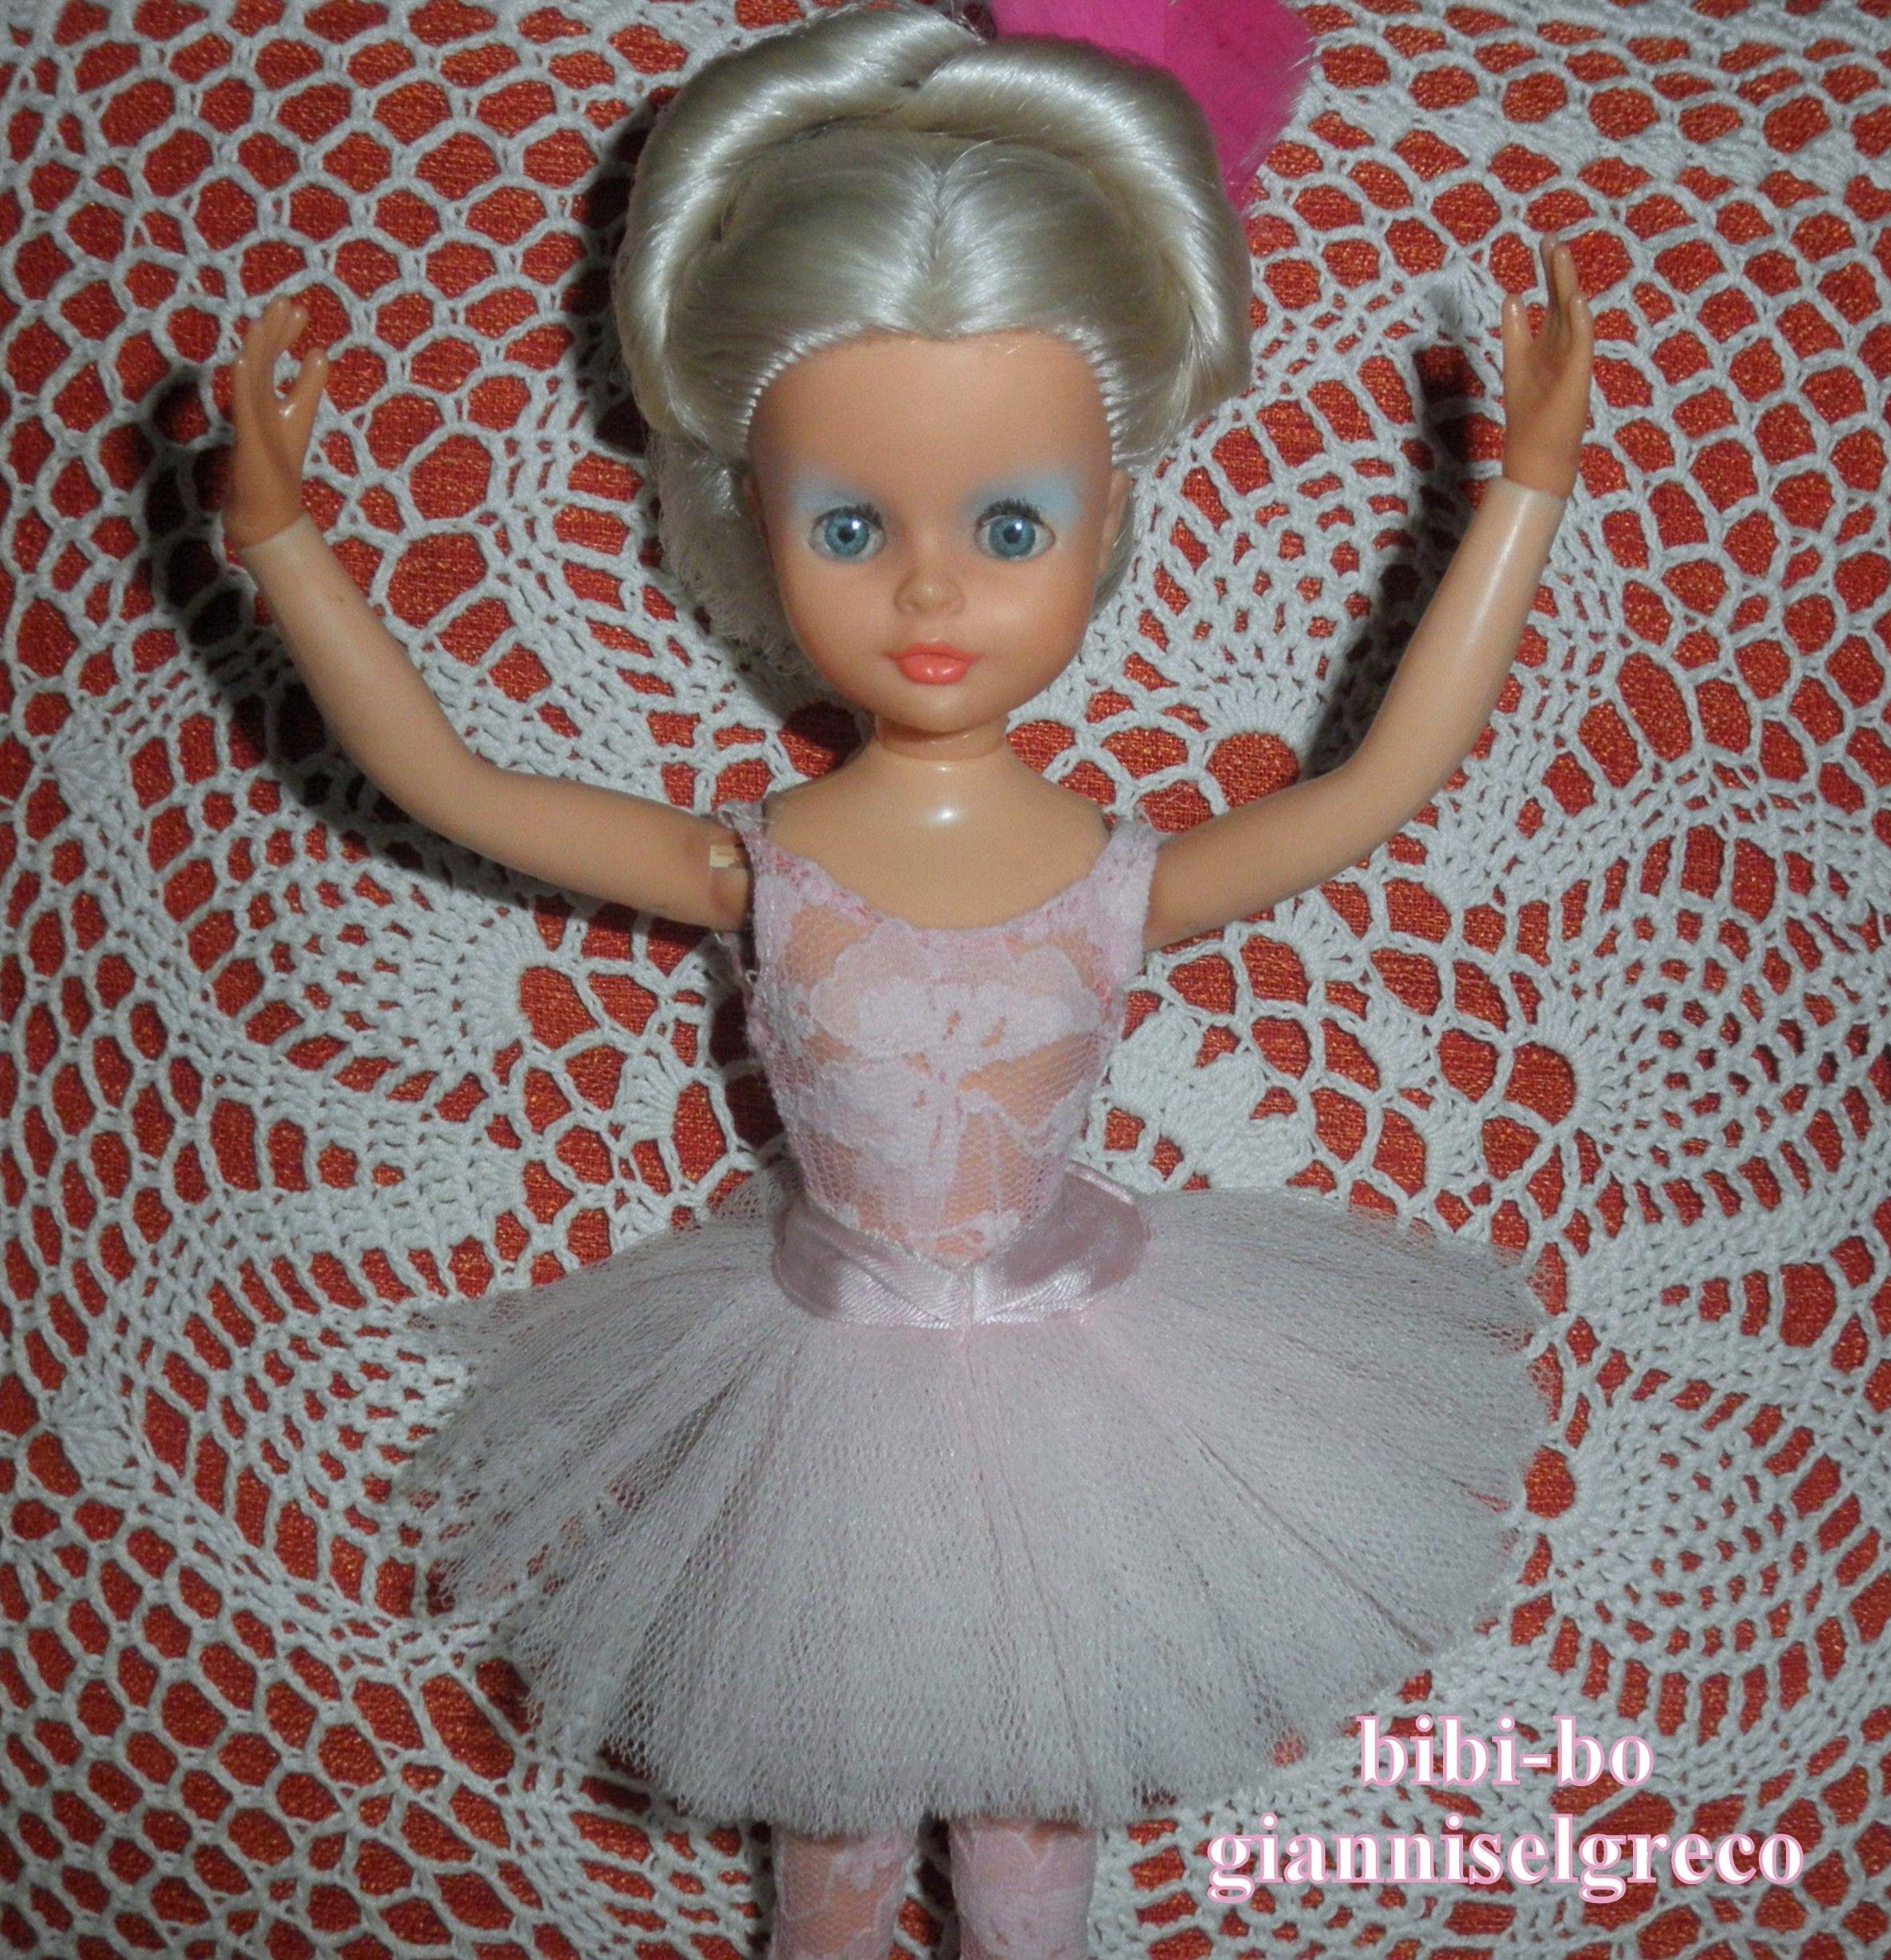 La ballerina bibi-bo è uno dei più amati bibi-bo! La bailarina bibi-bo es uno de los más queridos bibi-bo! 比比博芭蕾舞演员最心爱的周笔畅博之一! Биби-бо балерина является одним из самых любимых Биби-бо!